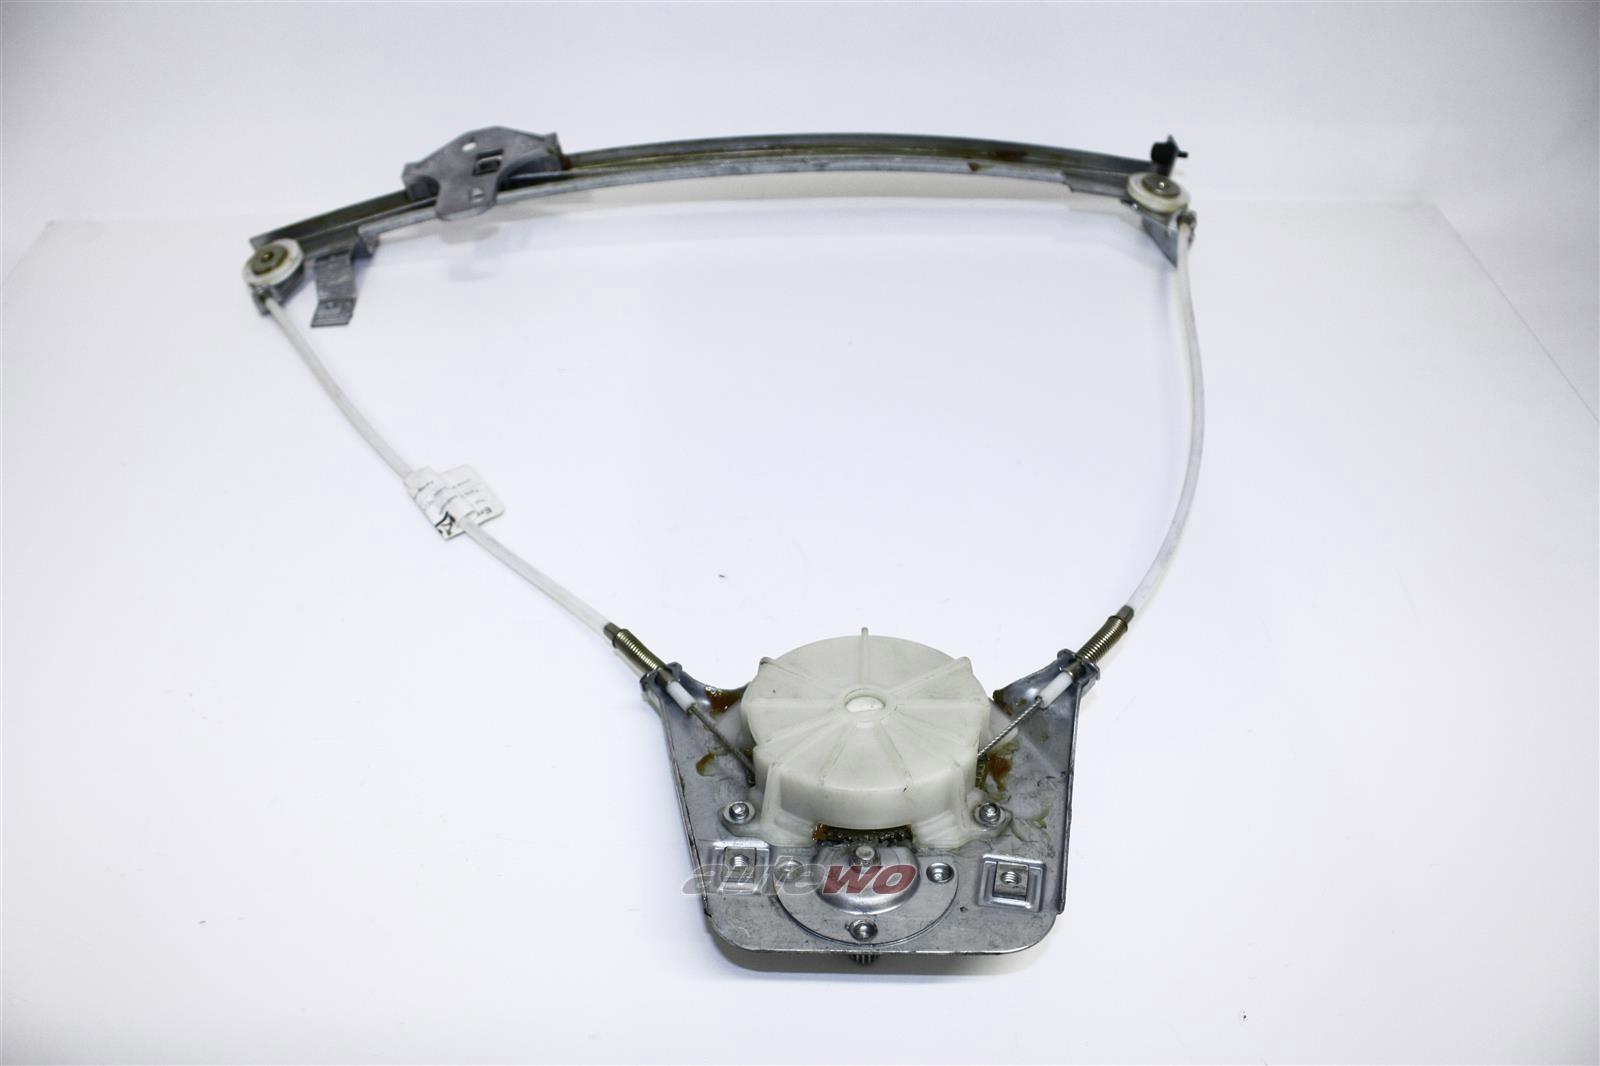 855837399 NEU Audi Coupe/Urquattro Typ 81/85 Fensterheber Vorne Links